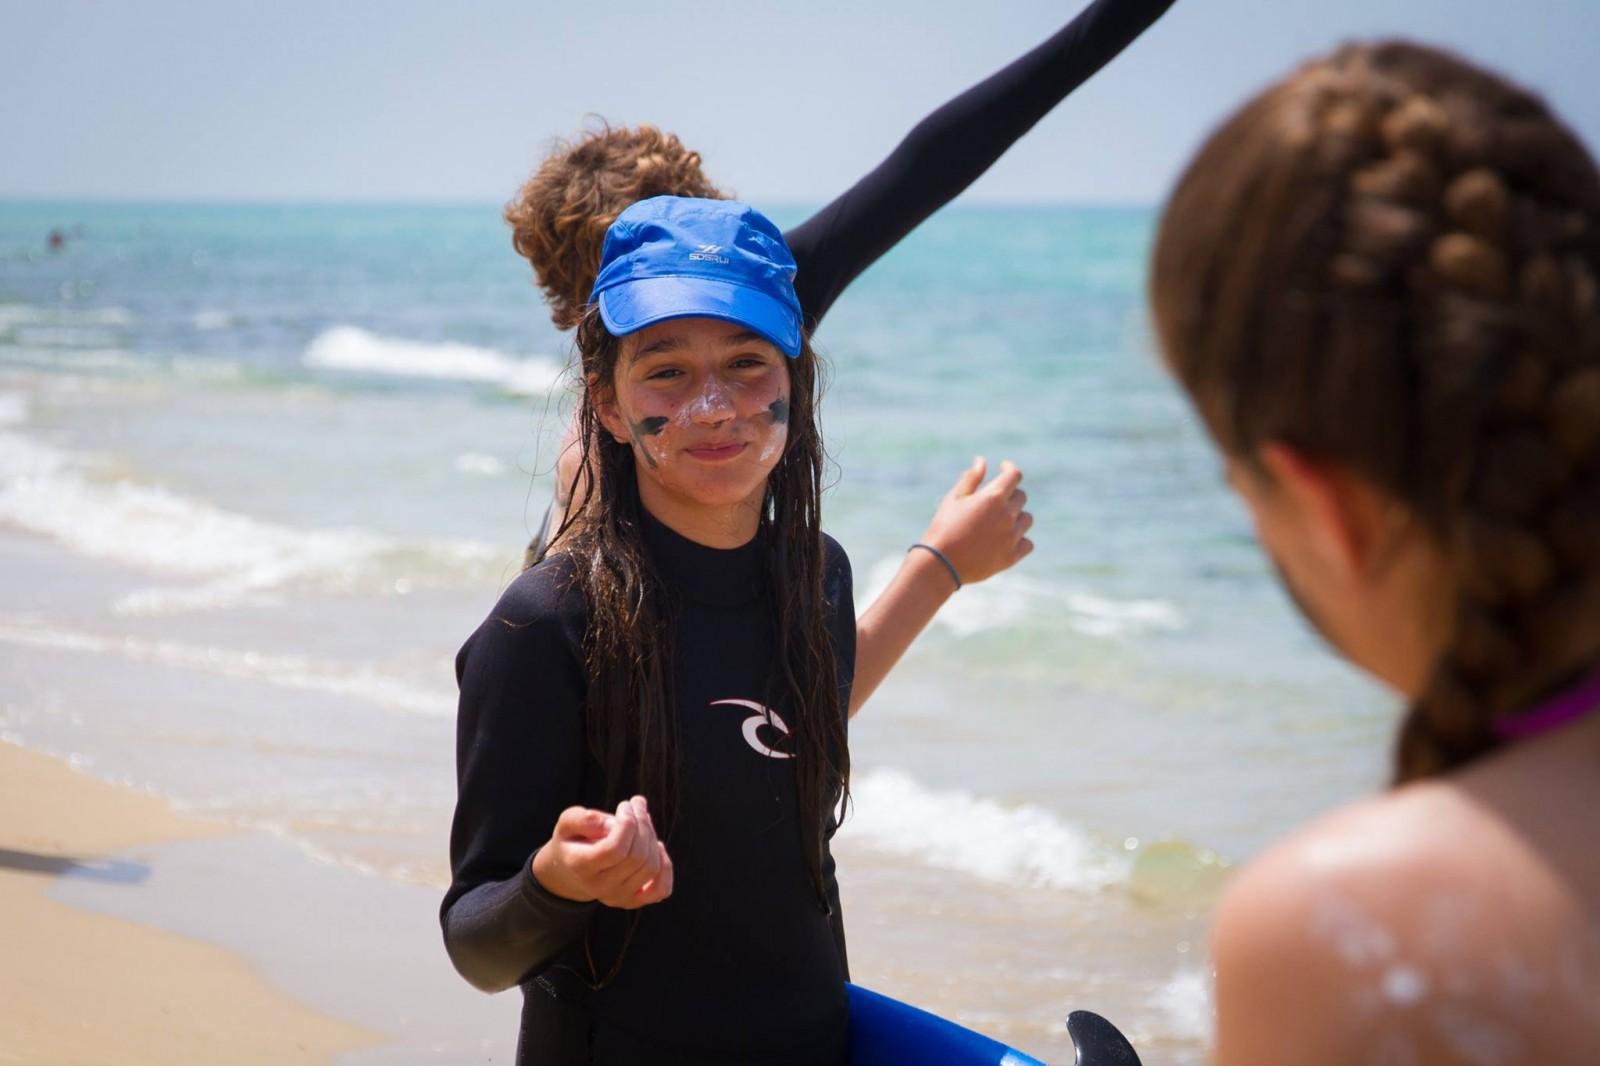 ילדה במחנה הגלישה פסח, מרוחה בקרם הגנה על הפנים וכובע קייטנה כחול לראשה